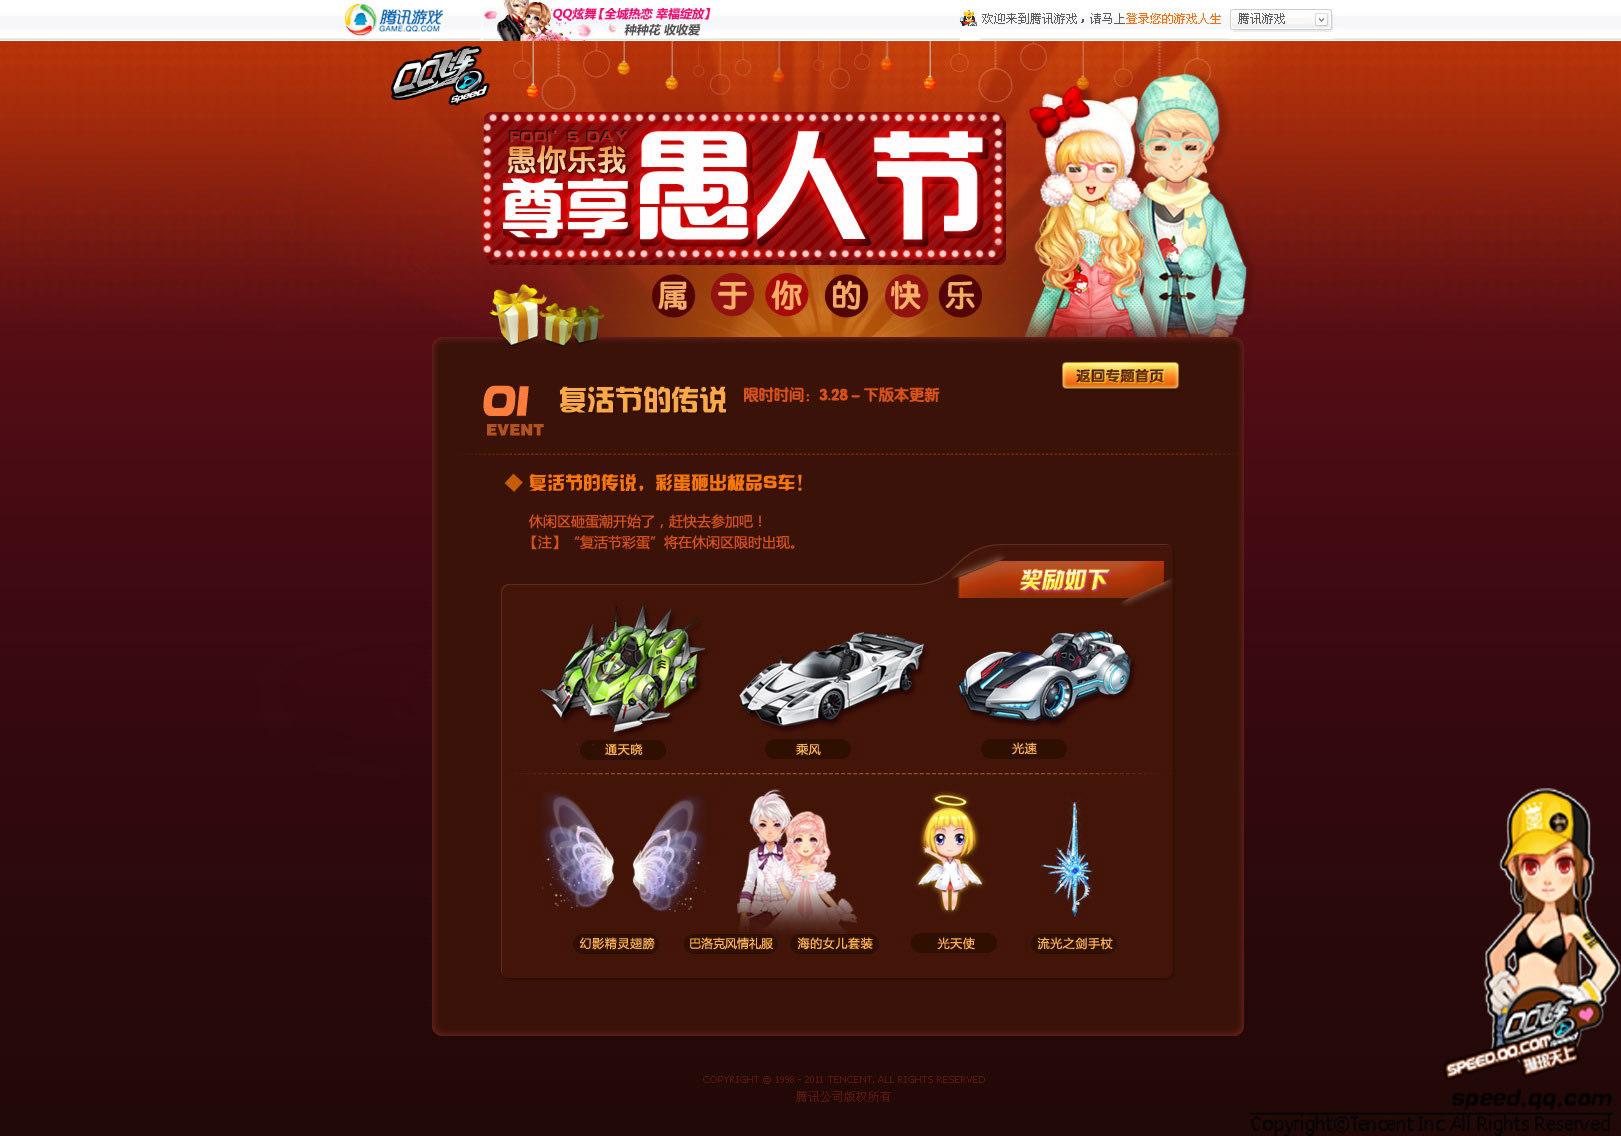 【qq飞车2011】03月_愚人节活动